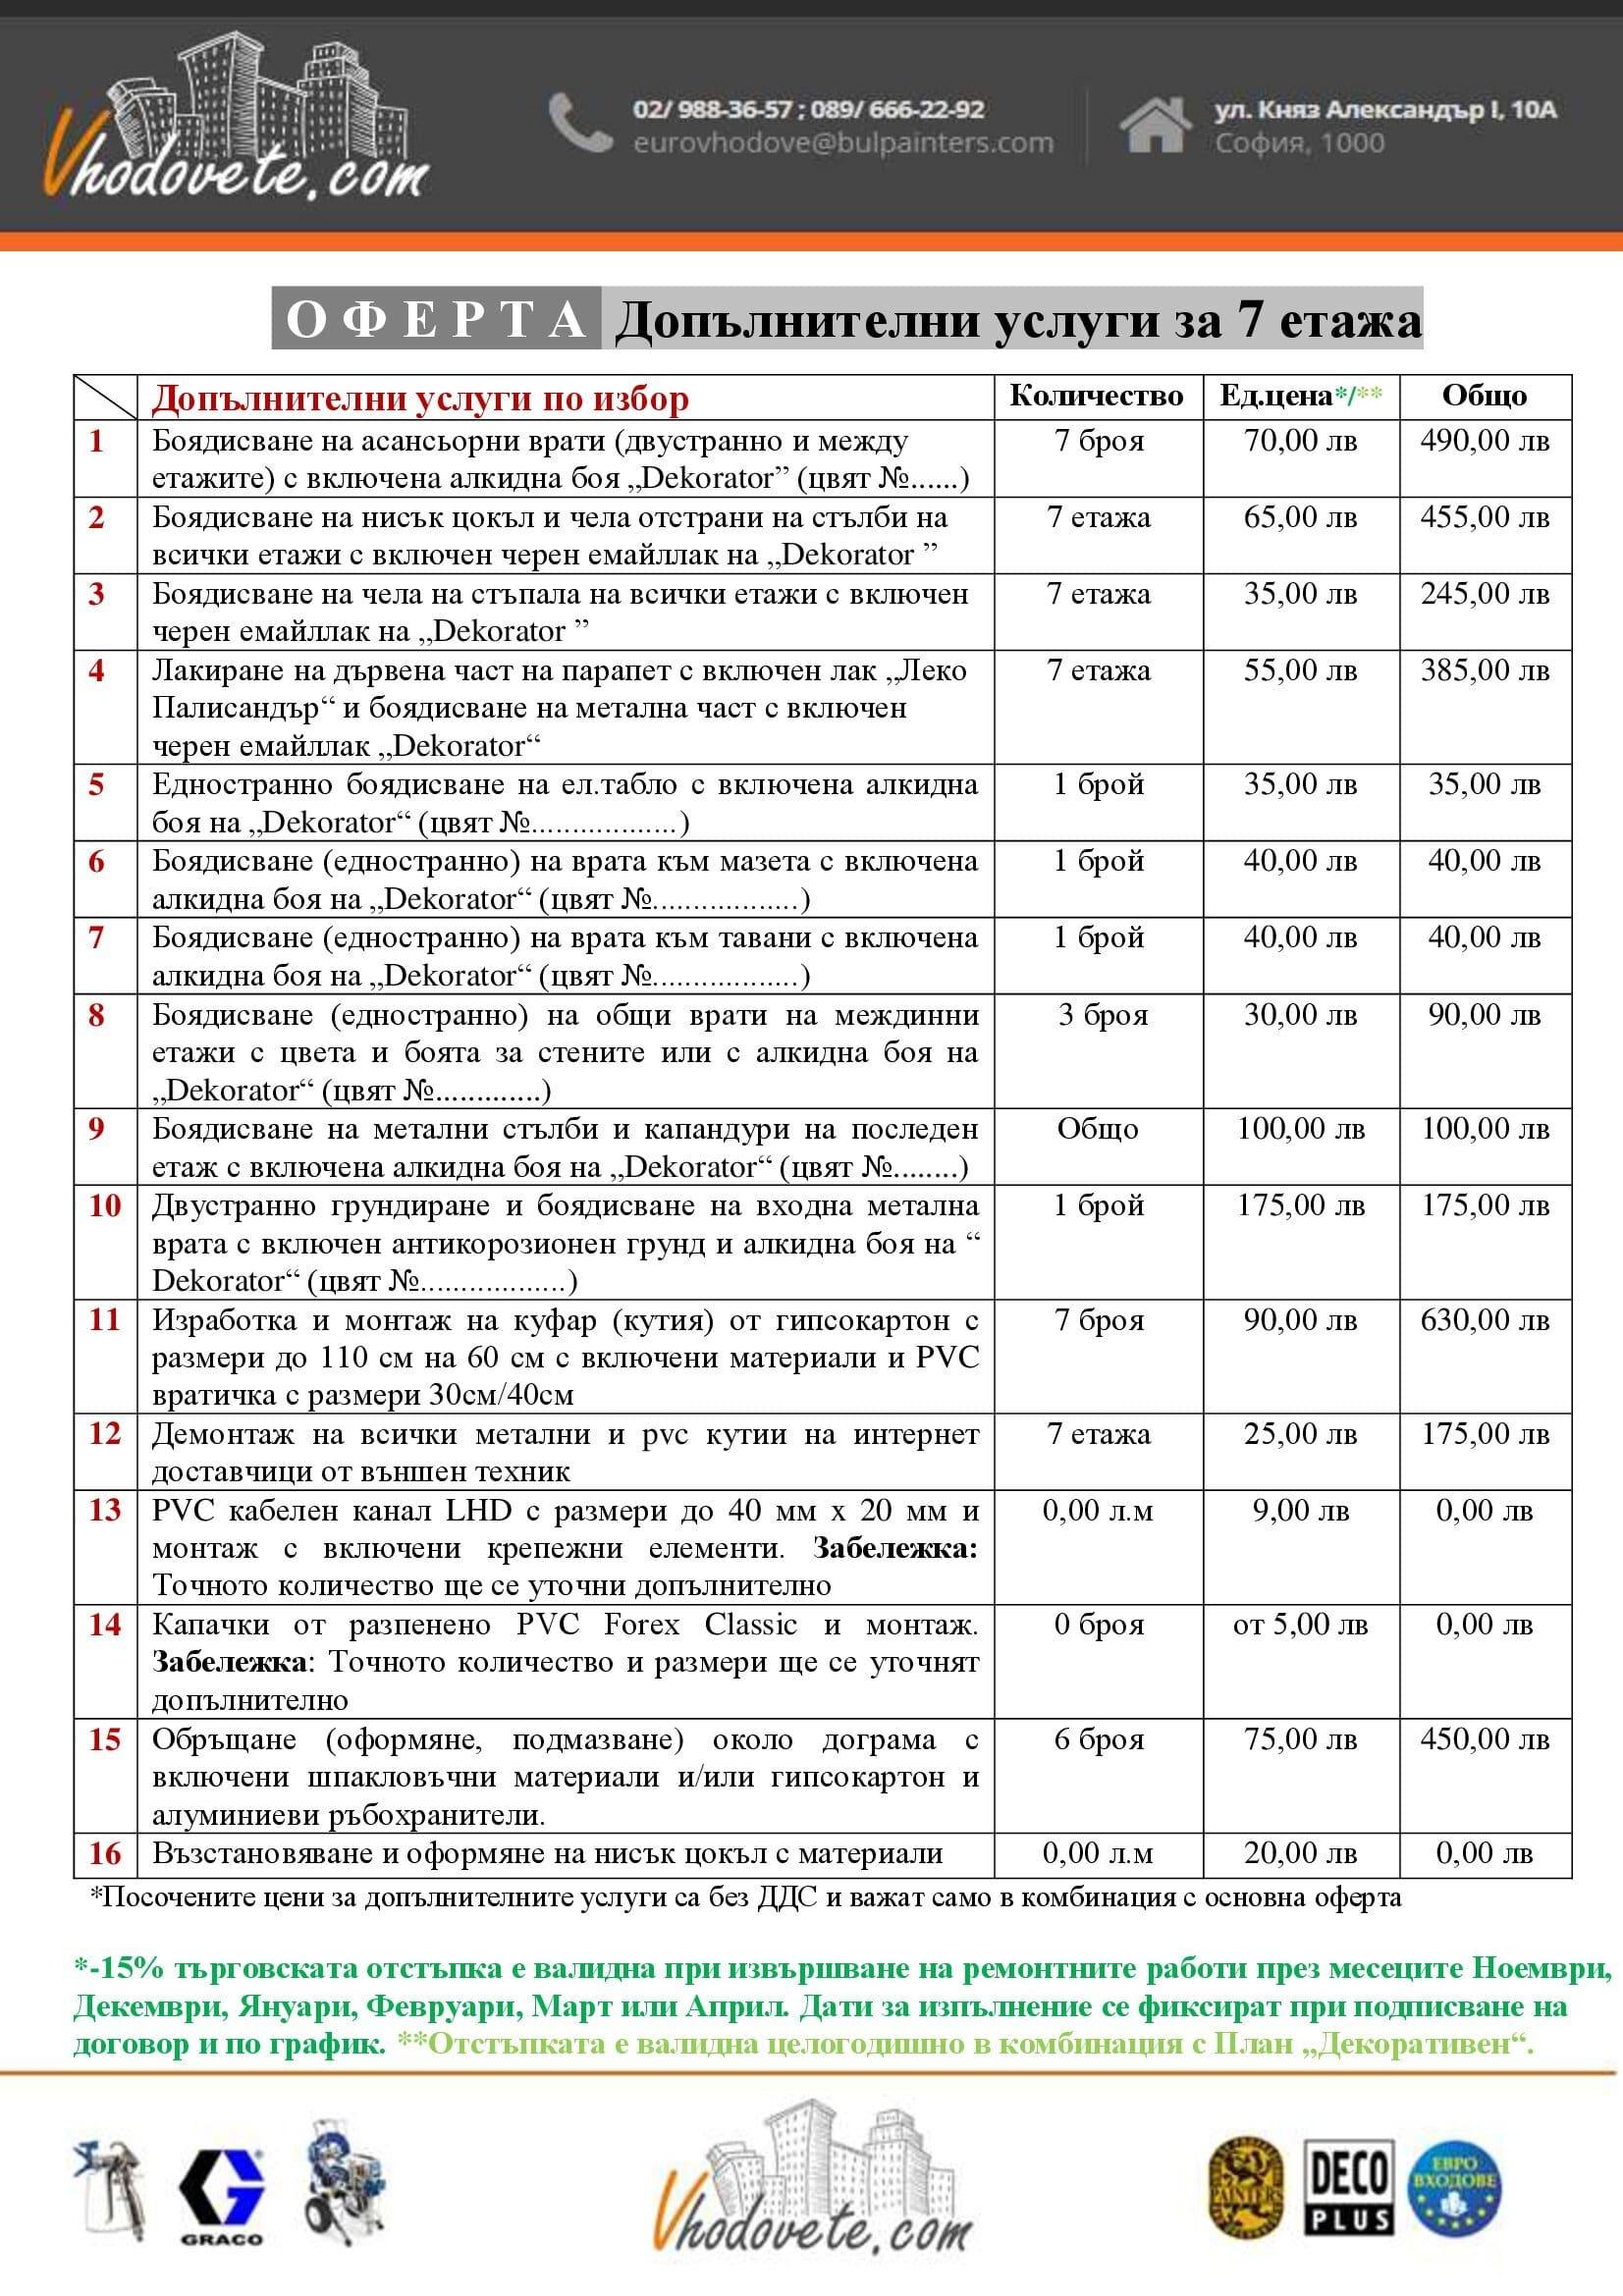 5-Dopulnitelni-uslugi-za-7-et-01052021